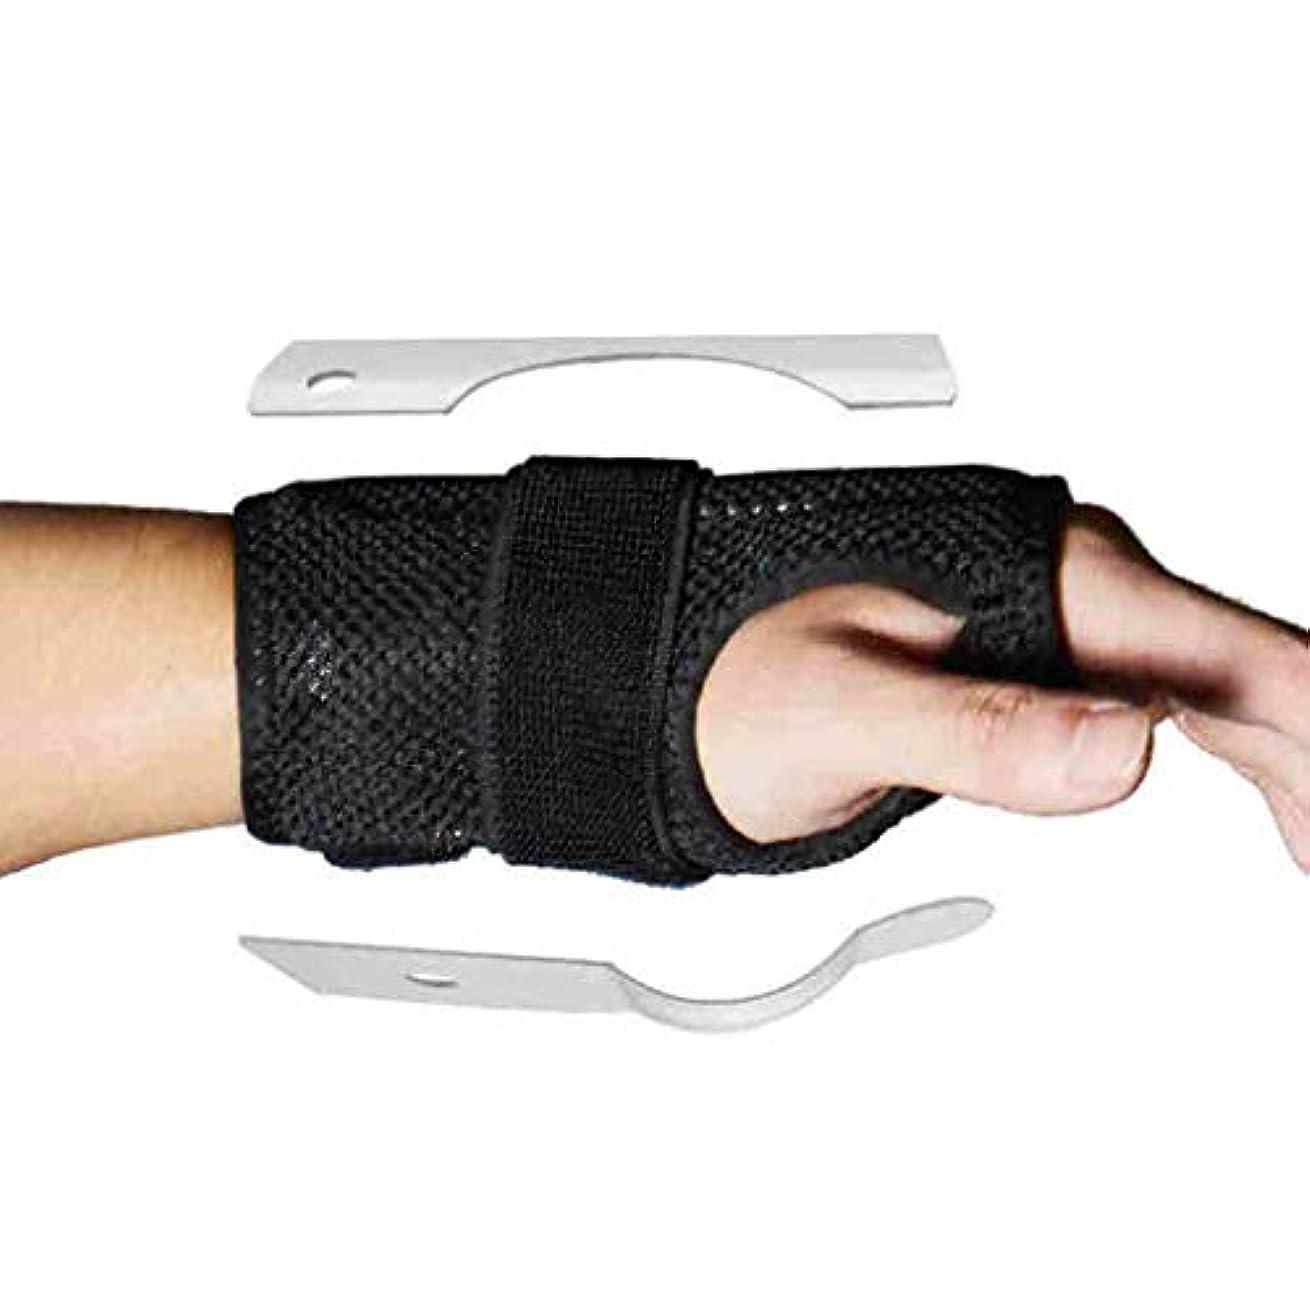 クラッシュブレースジュニアトリガーのための親指のスプリント親指の通気性のファブリック手首の親指腱鞘炎脳手根管症候群のためのリストバンドスプリントママの親指ブレース関節炎 Roscloud@